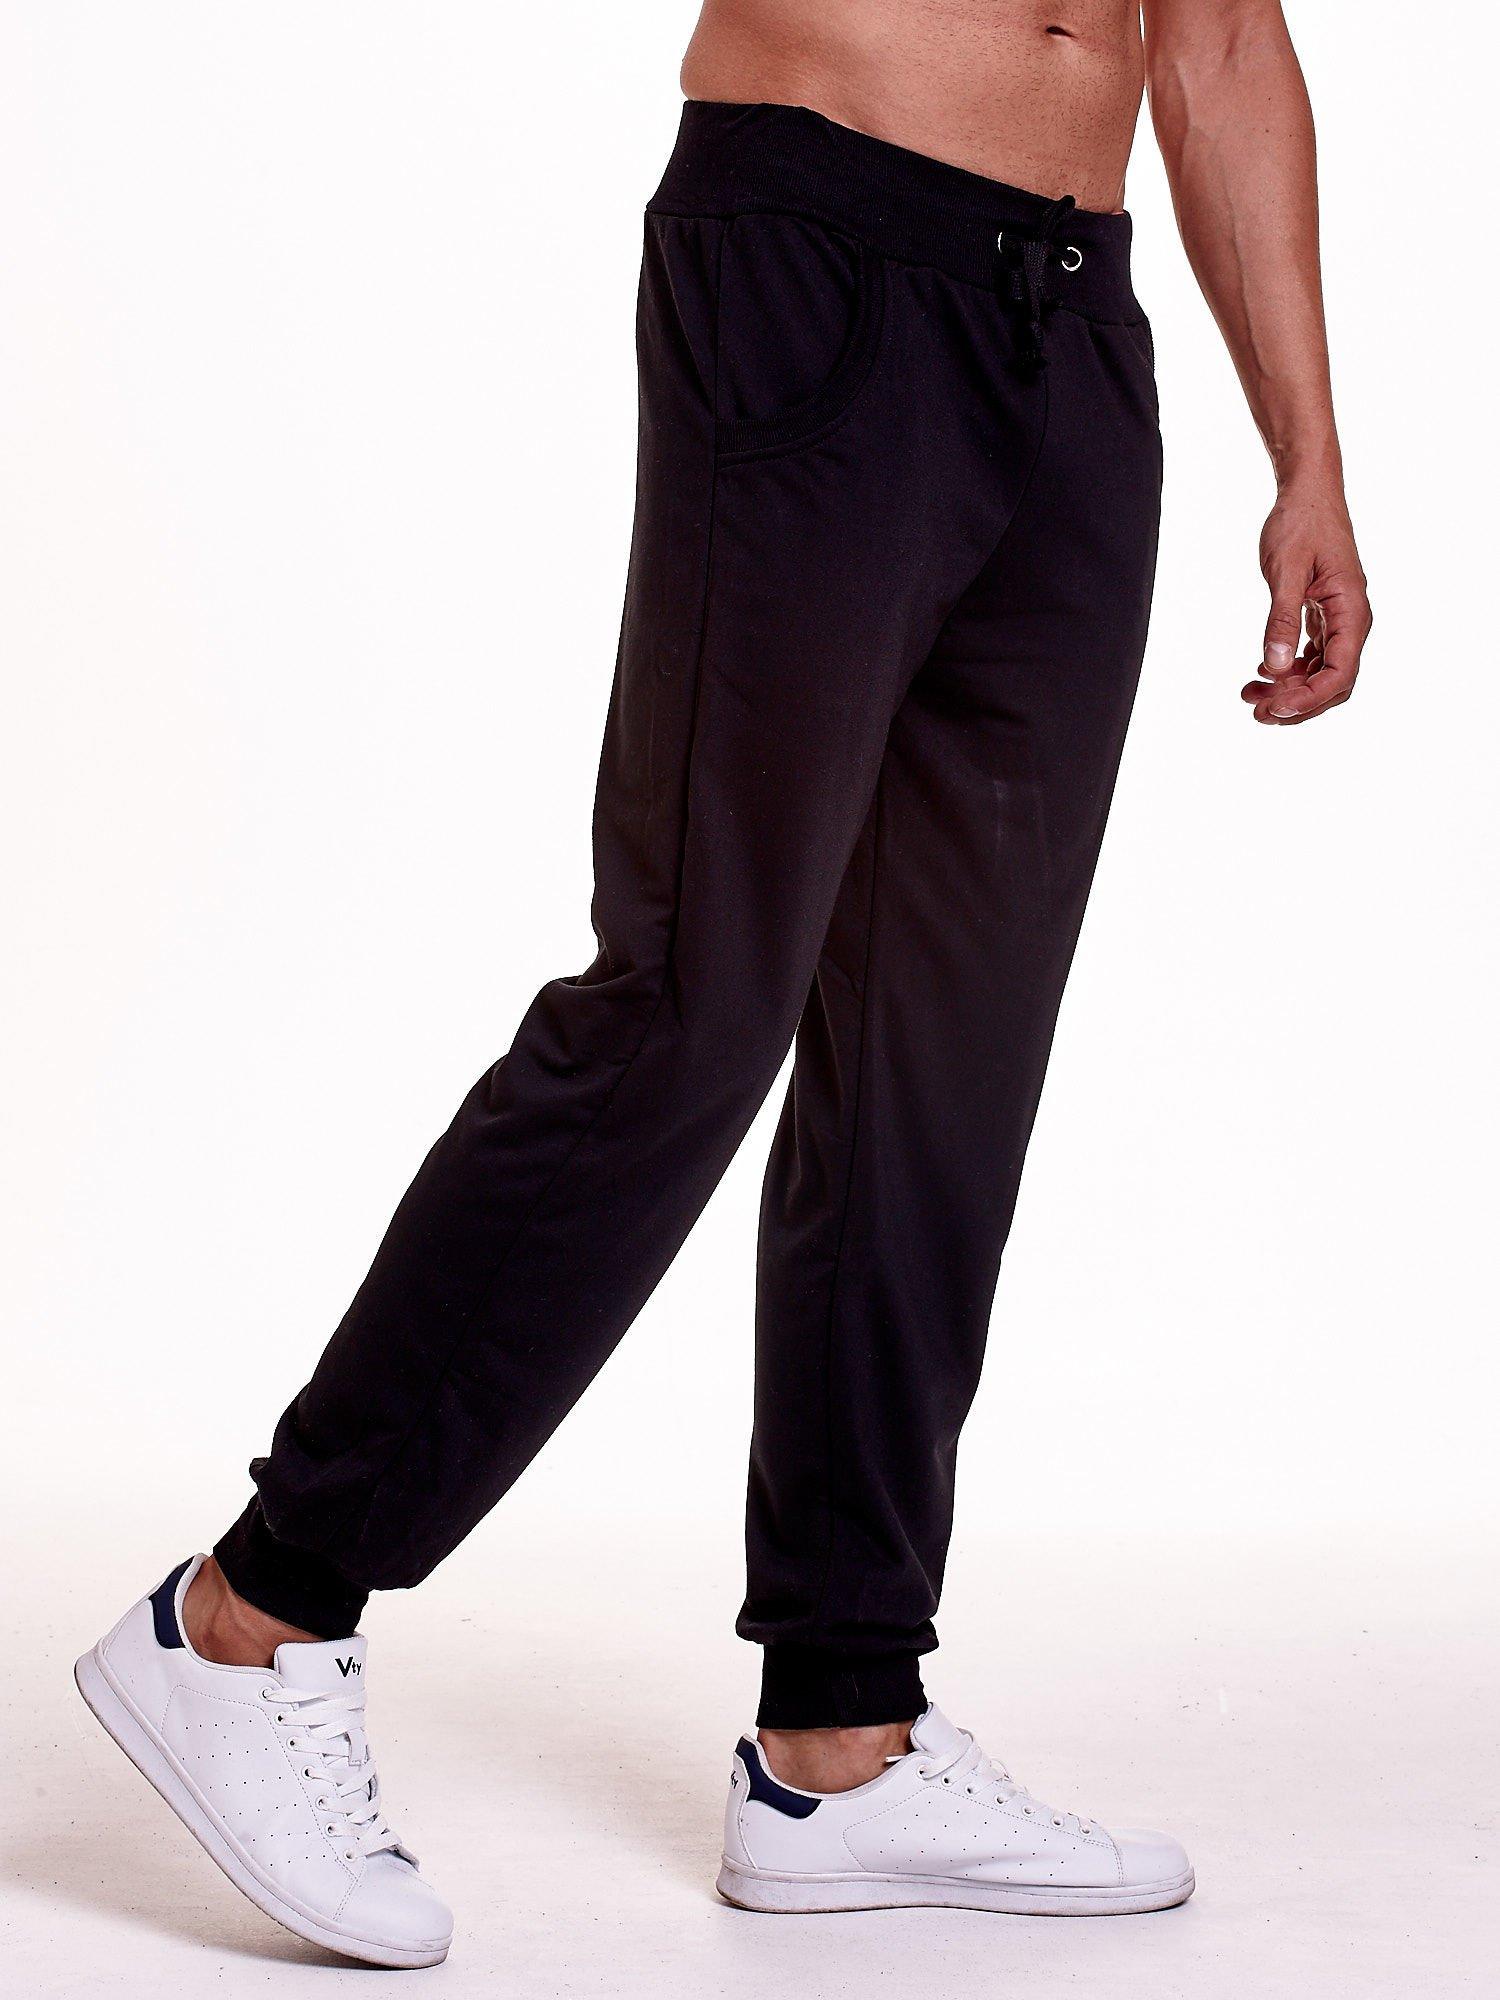 Czarne dresowe spodnie męskie z trokami w pasie i kieszeniami                                  zdj.                                  3